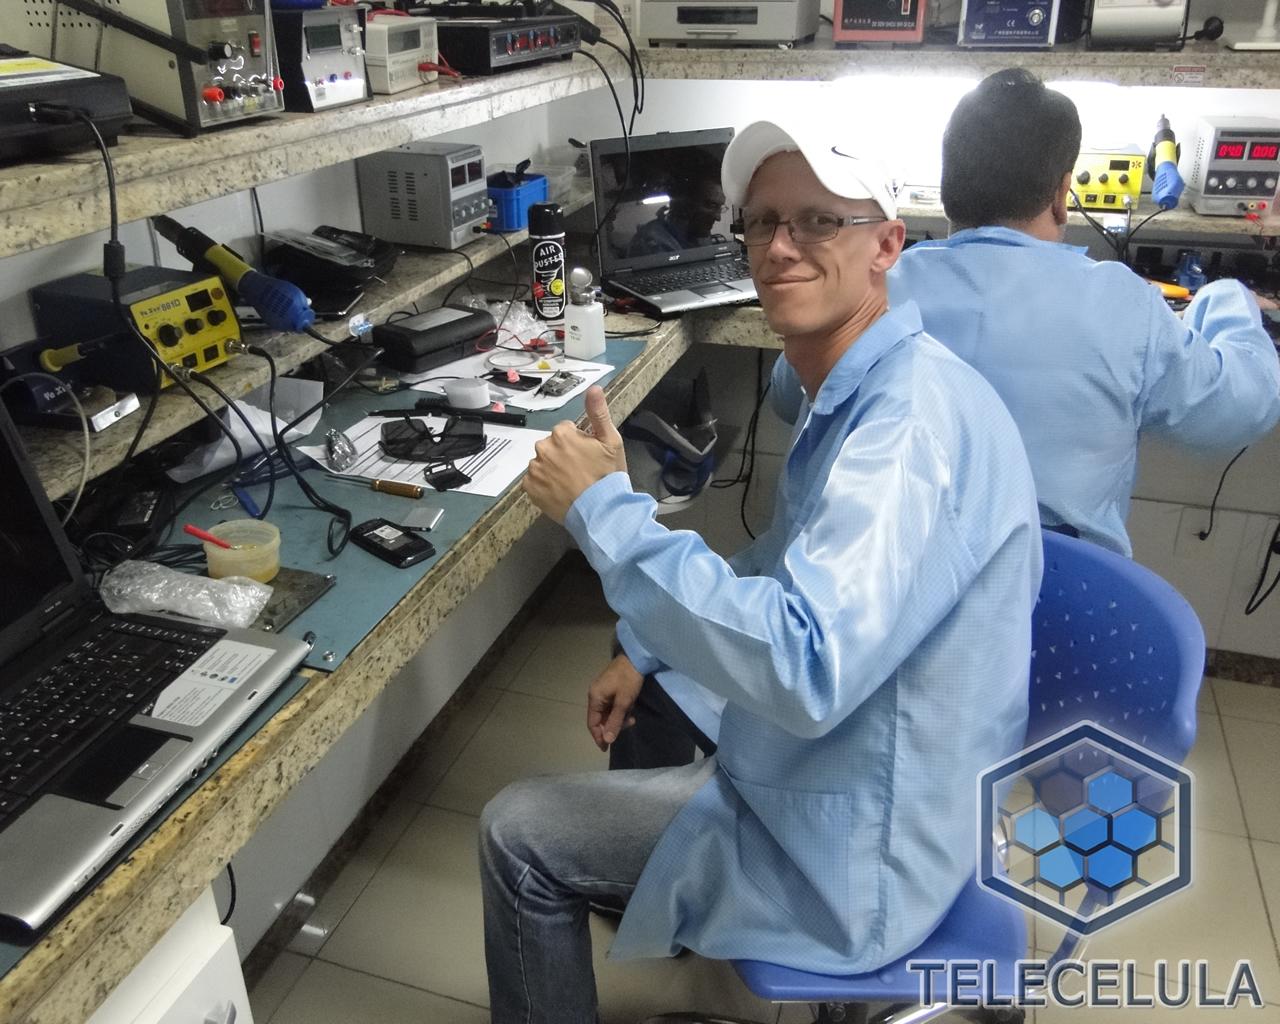 Fotos Treinamento Telecelula Eletrônica Básica e Bancada  #3D648E 1280x1024